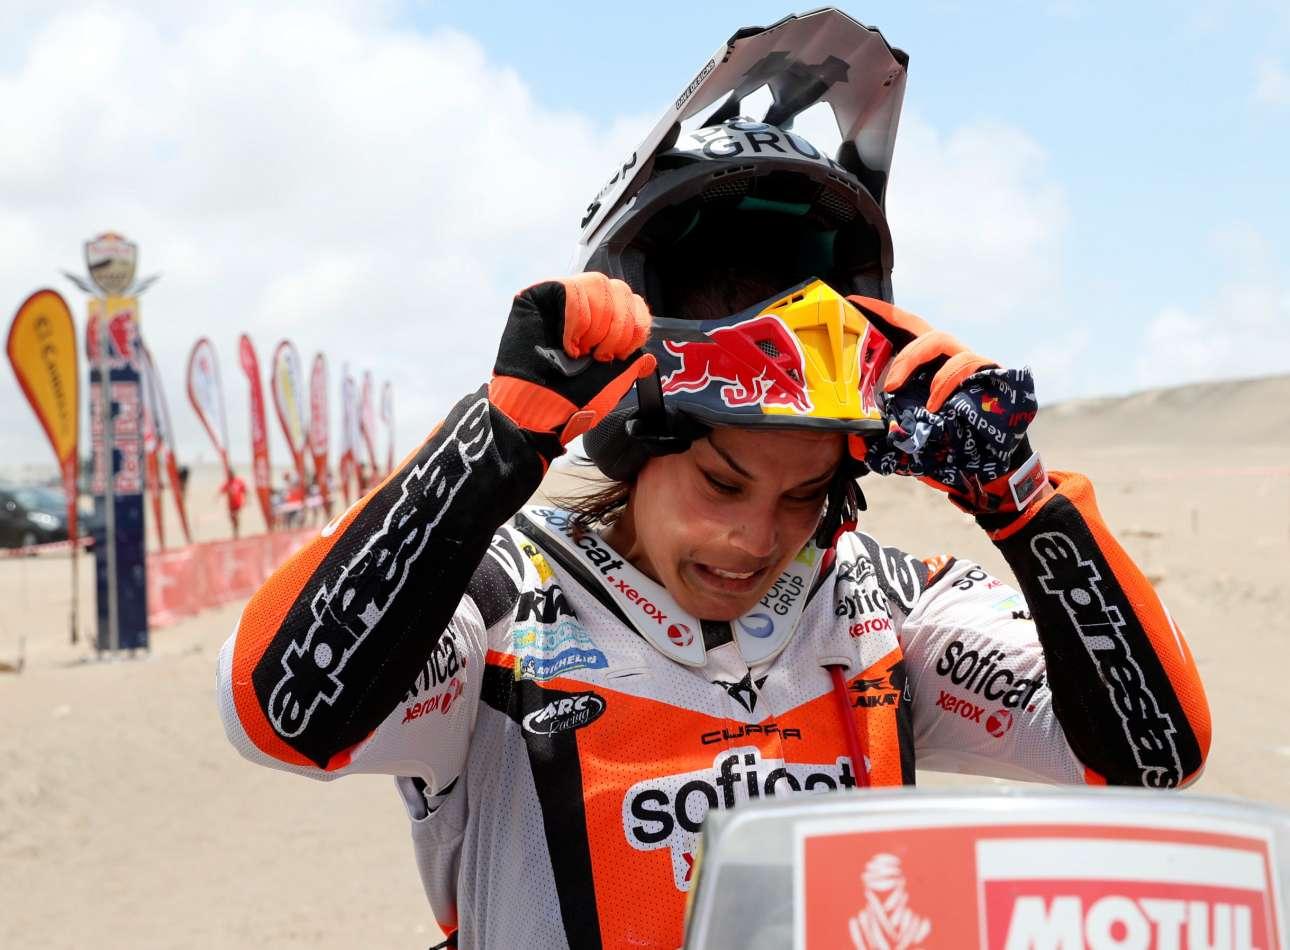 Η Λέα Σαντζ της KTM Factory Racing μετά το τέλος της κούρσας